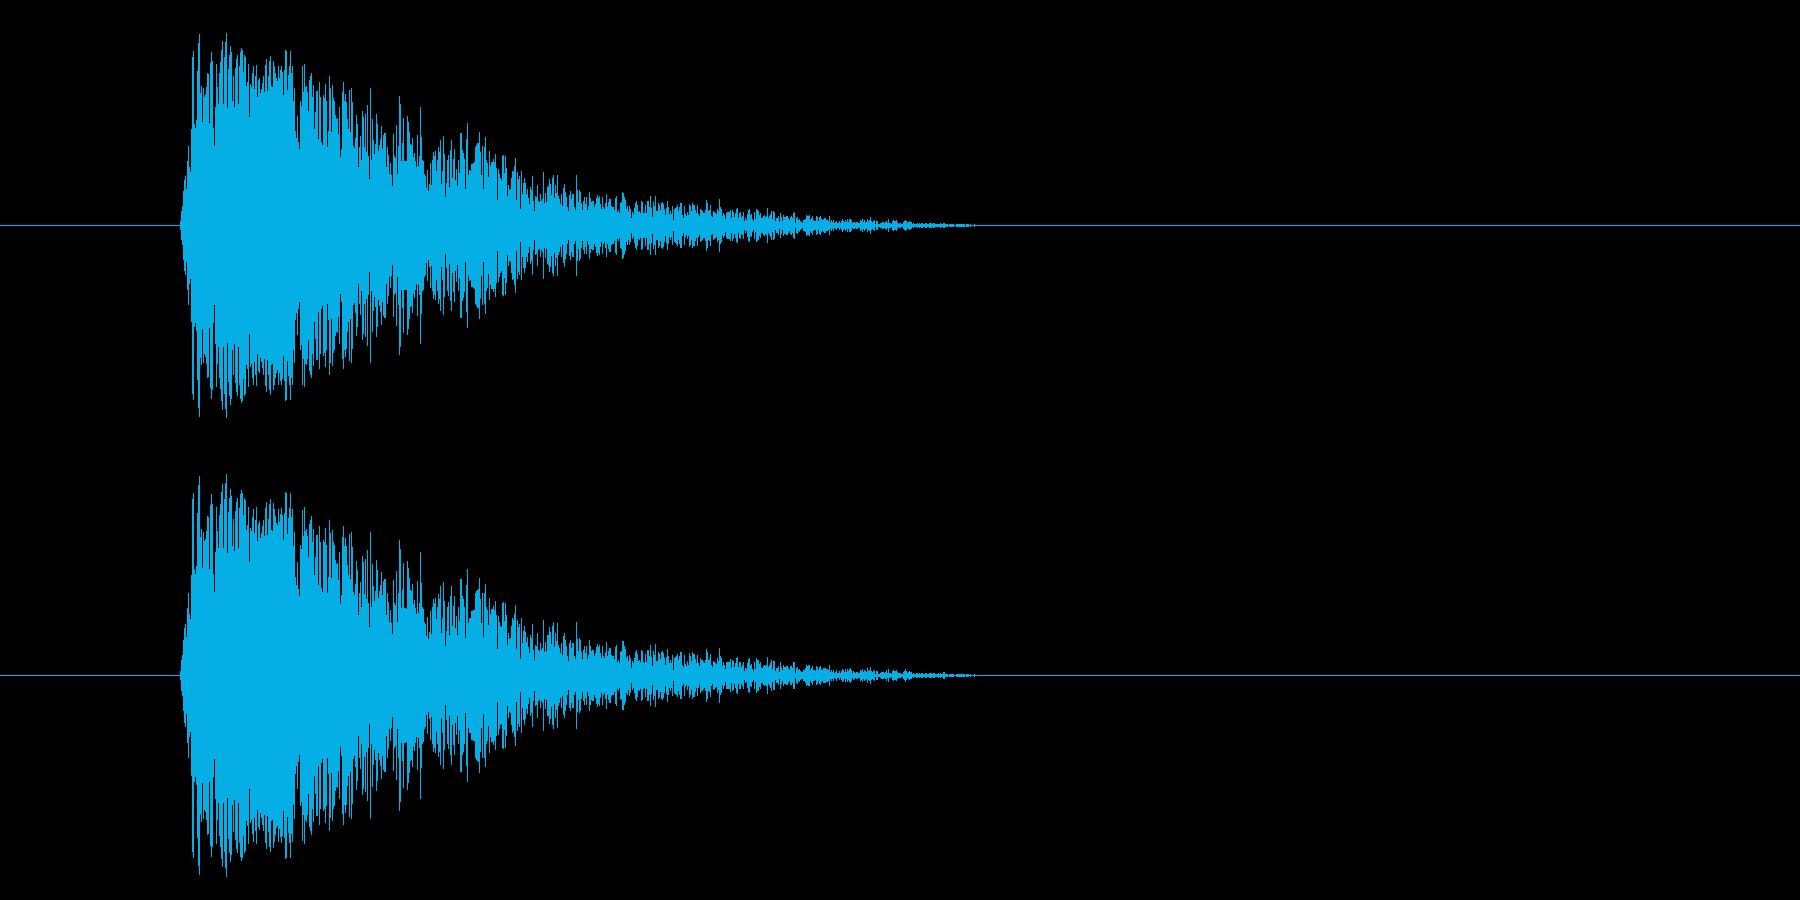 ジャン!懐かしのオケヒその2_音程低めの再生済みの波形